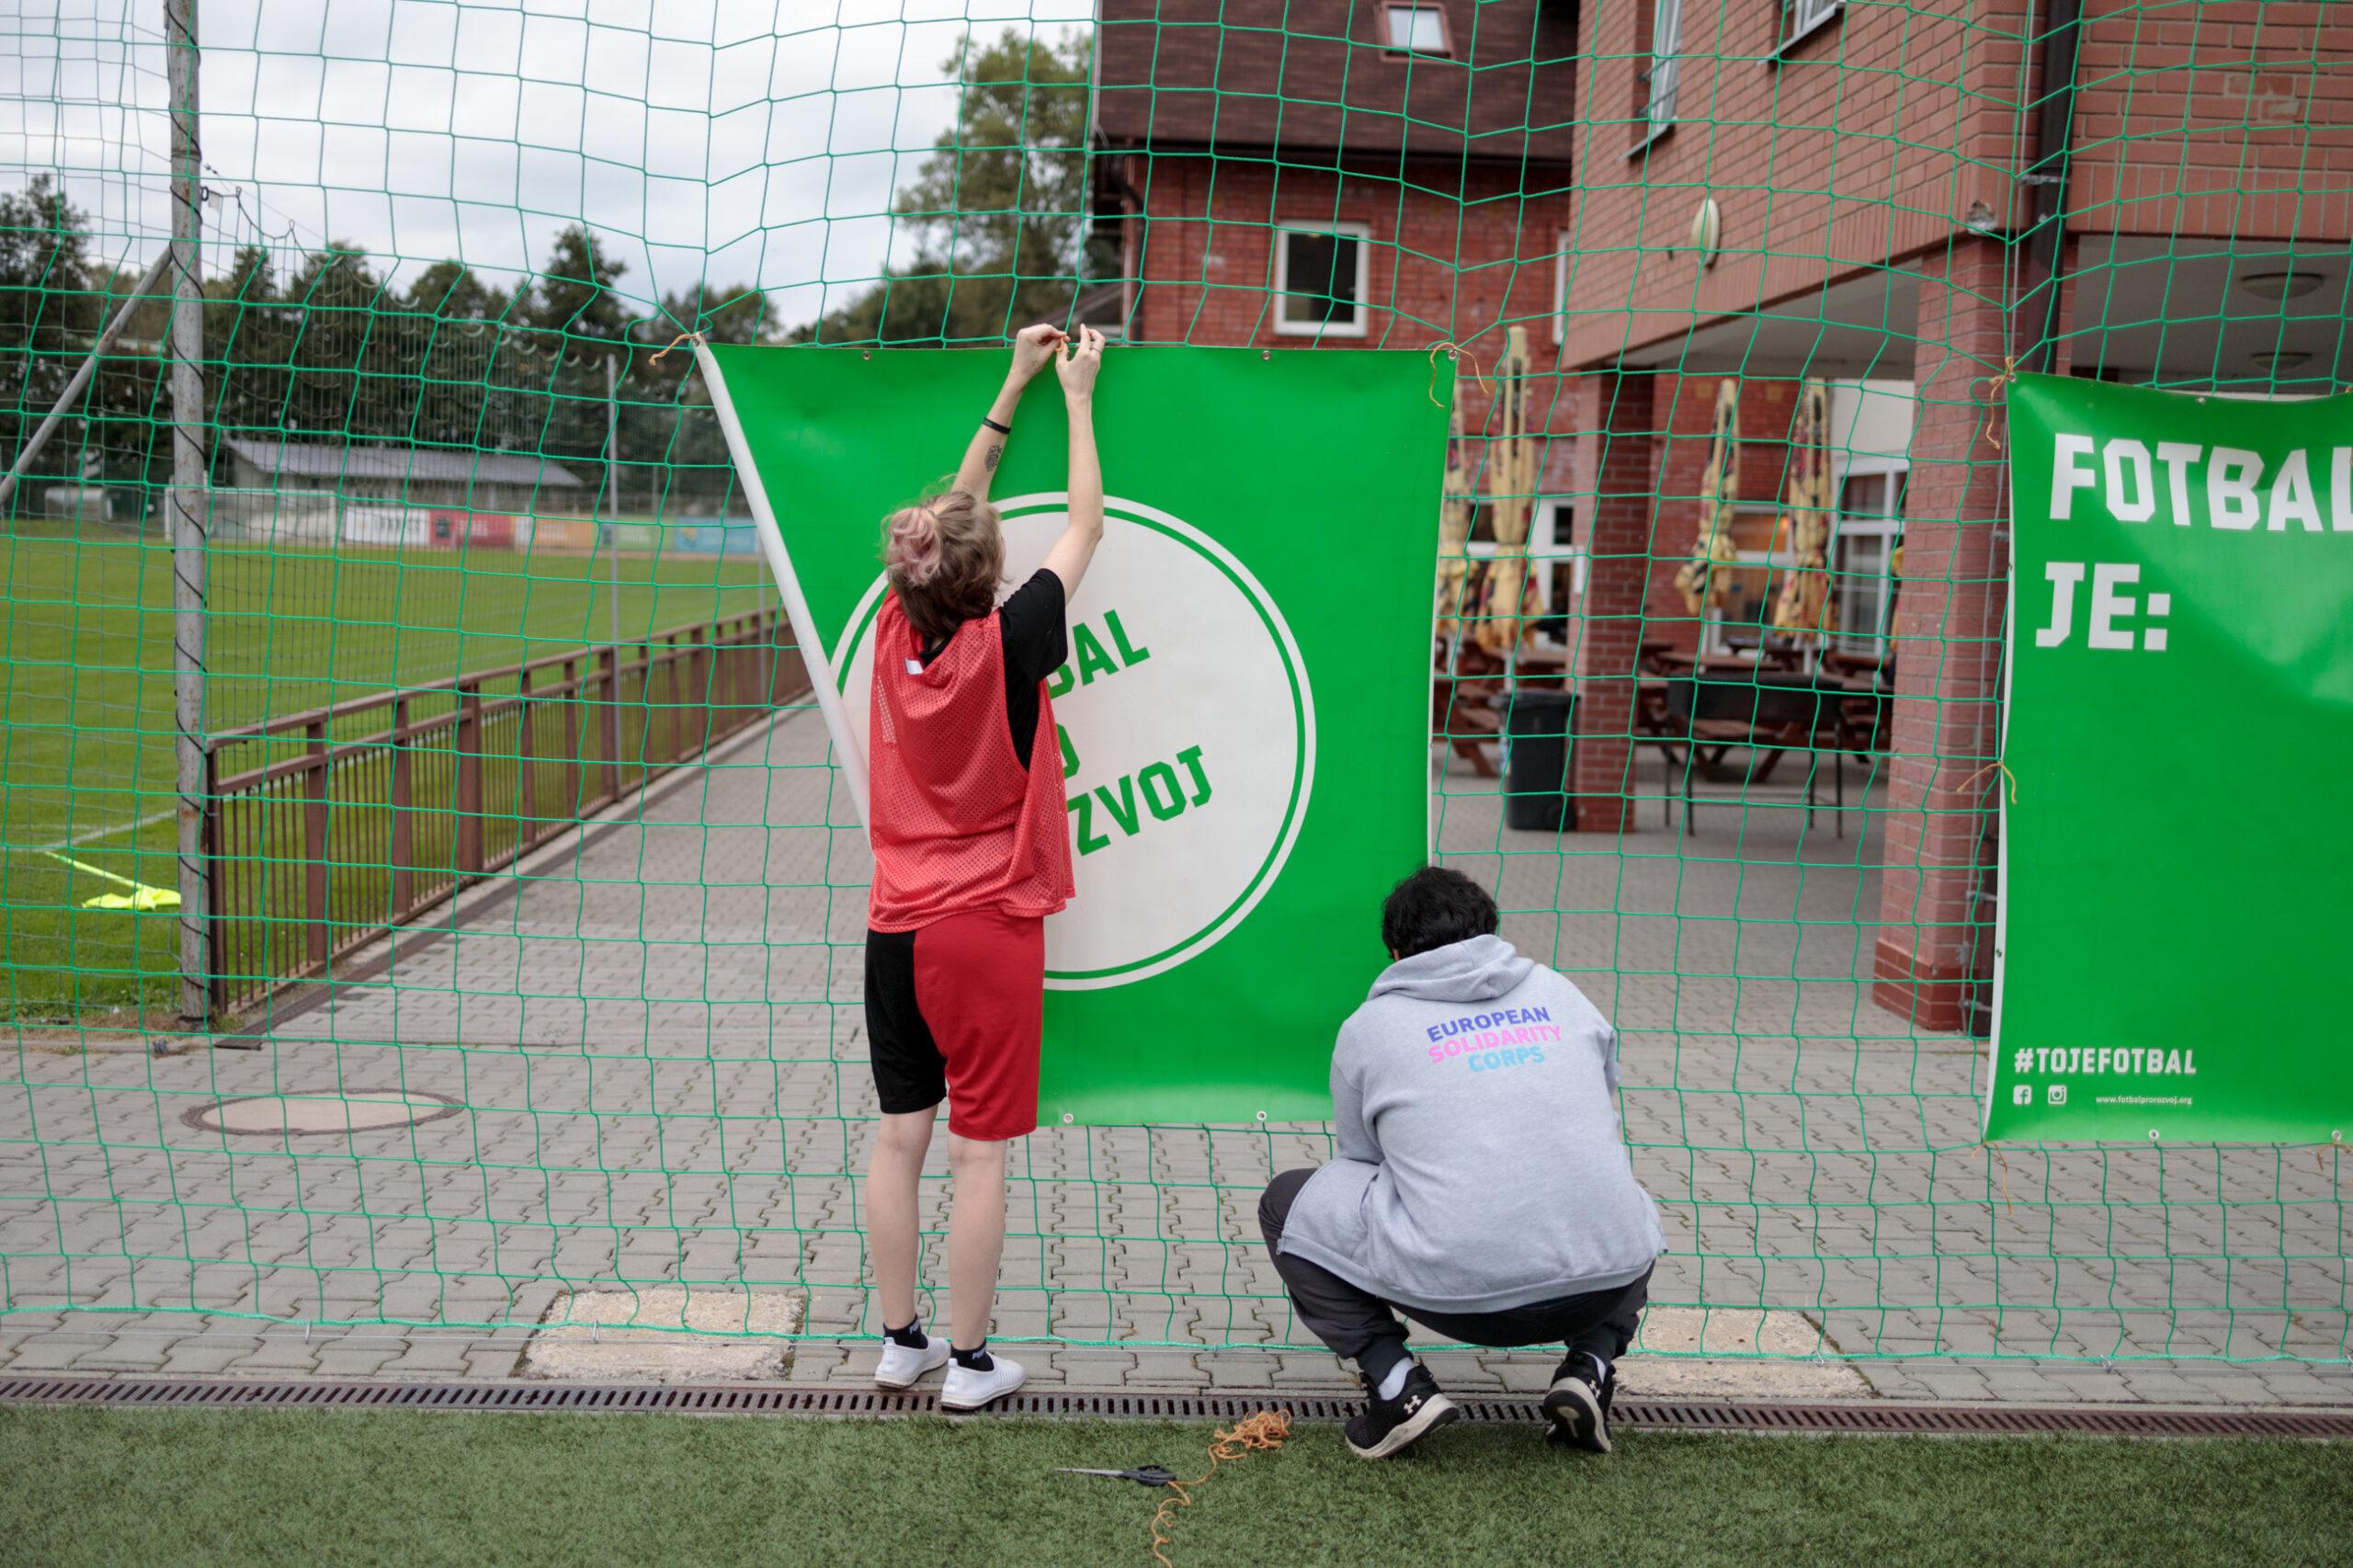 Preparations before start of the tournament, Férák pod Ještědem, Český Dub, Czech Republic